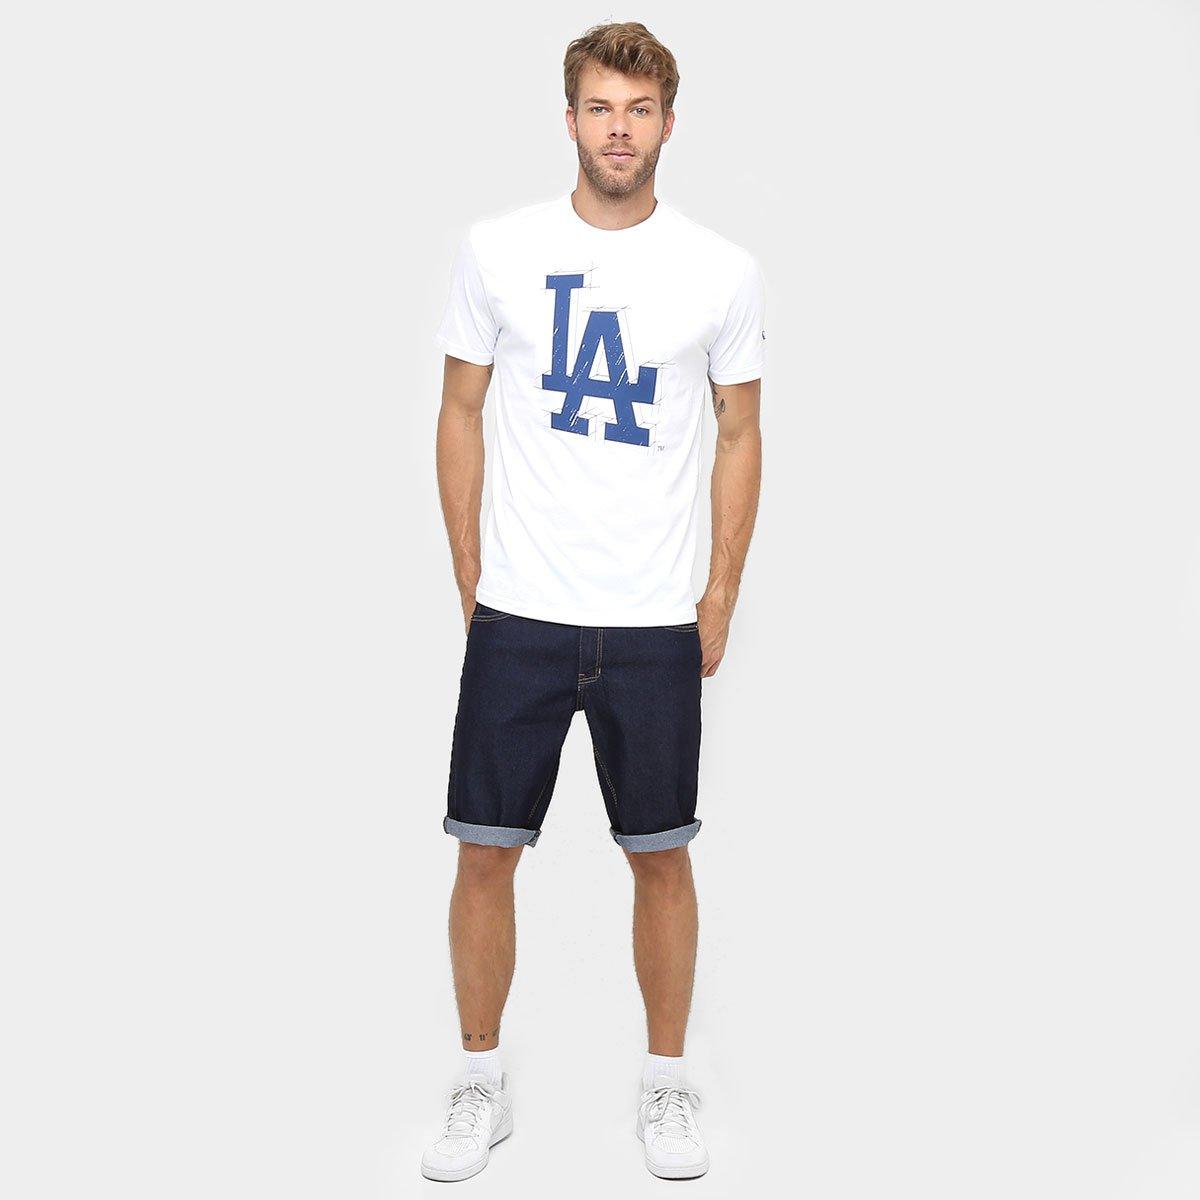 Camiseta New Era MLB Nac Sketch 3 Los Angeles Dodgers - Compre Agora ... 1116bd26e39